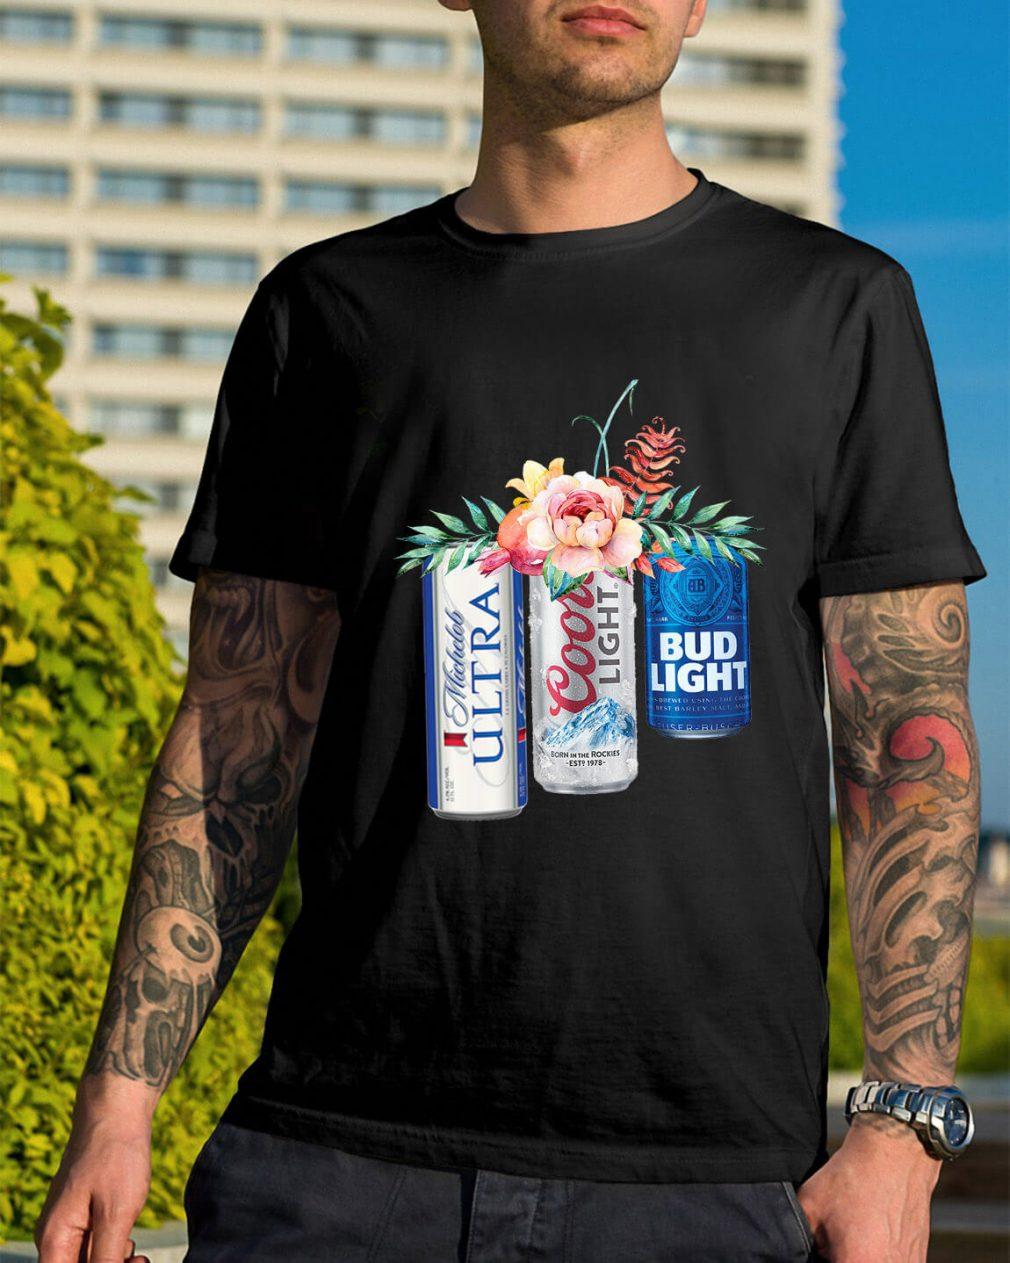 Coors Light Bud Light Michelob Ultra beer shirt